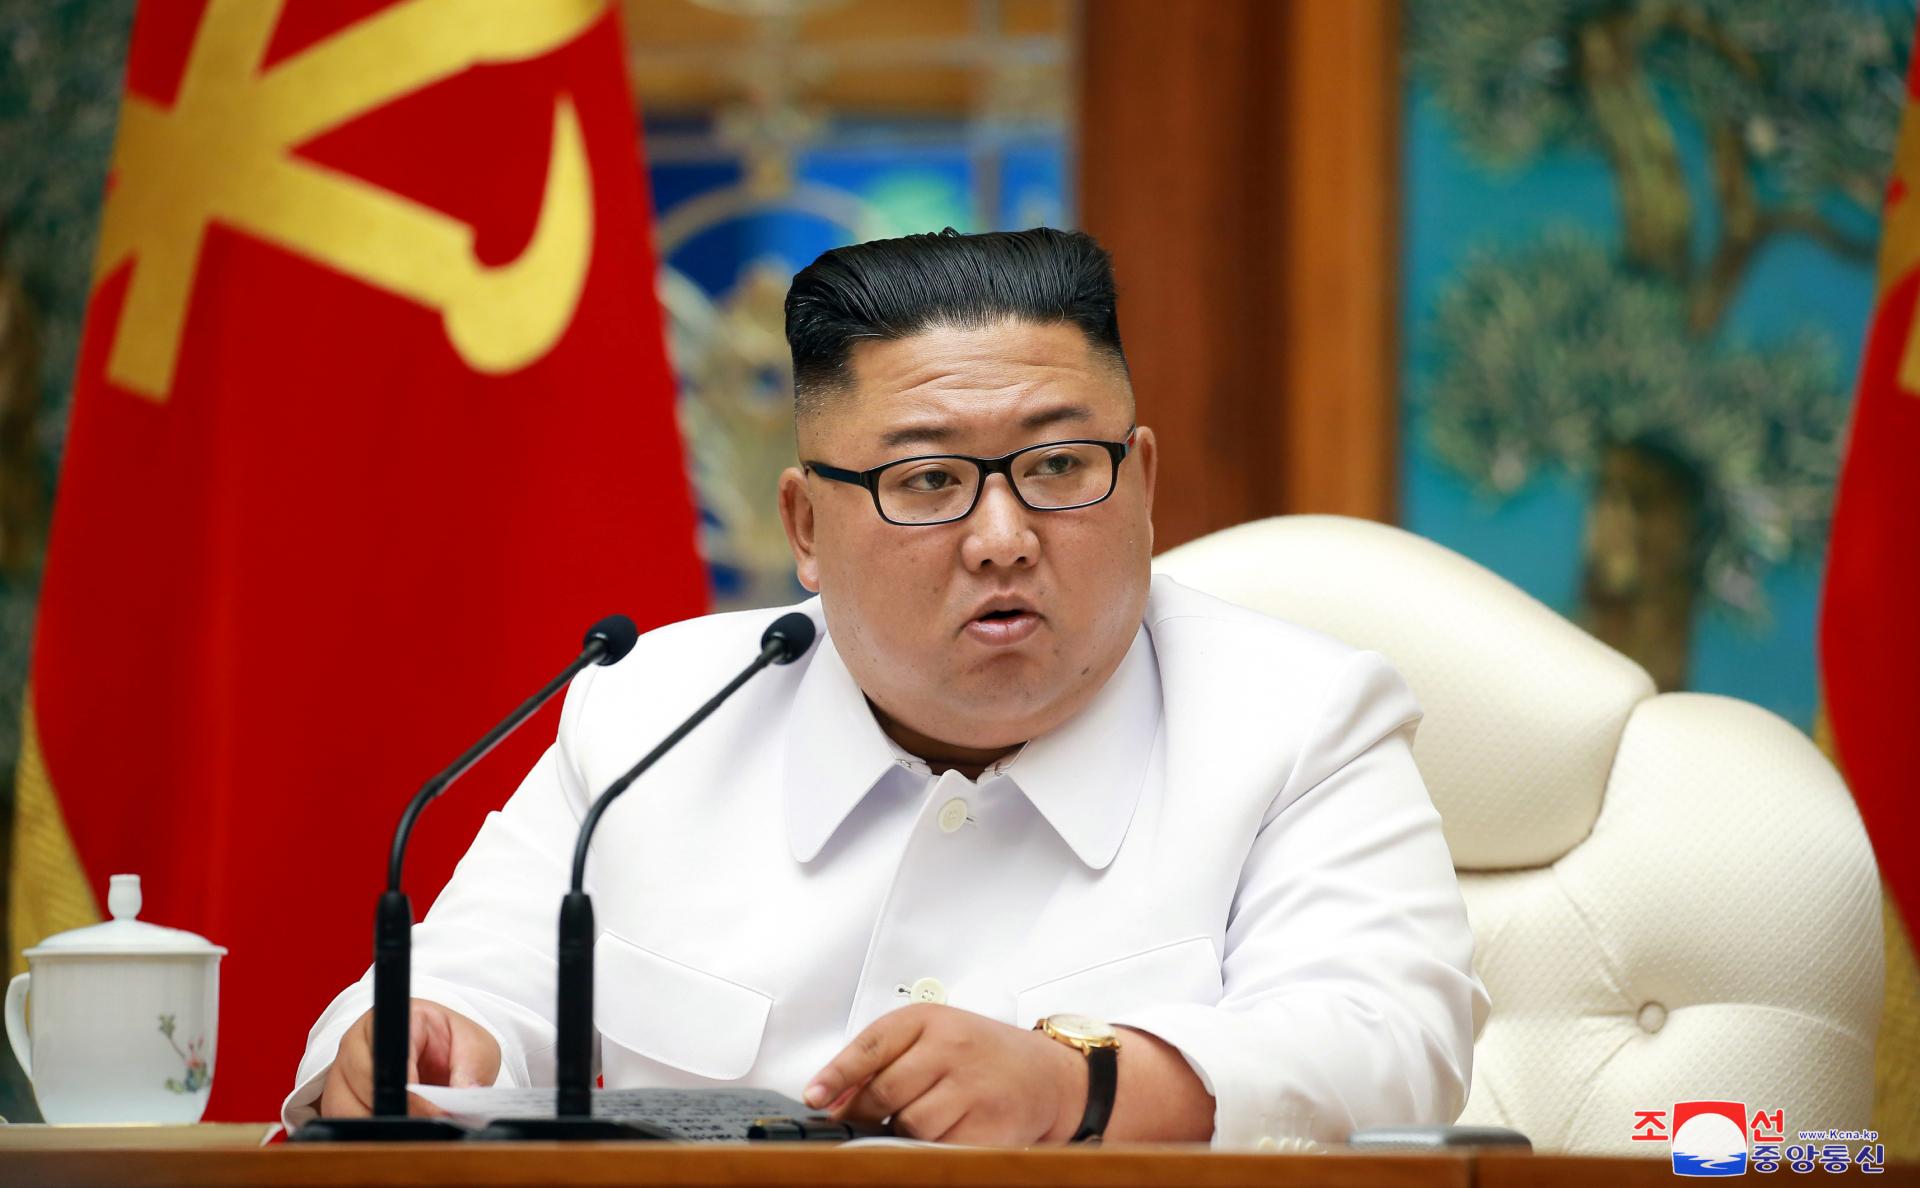 Фото: Центральное телеграфное агентство Кореи / Reuters